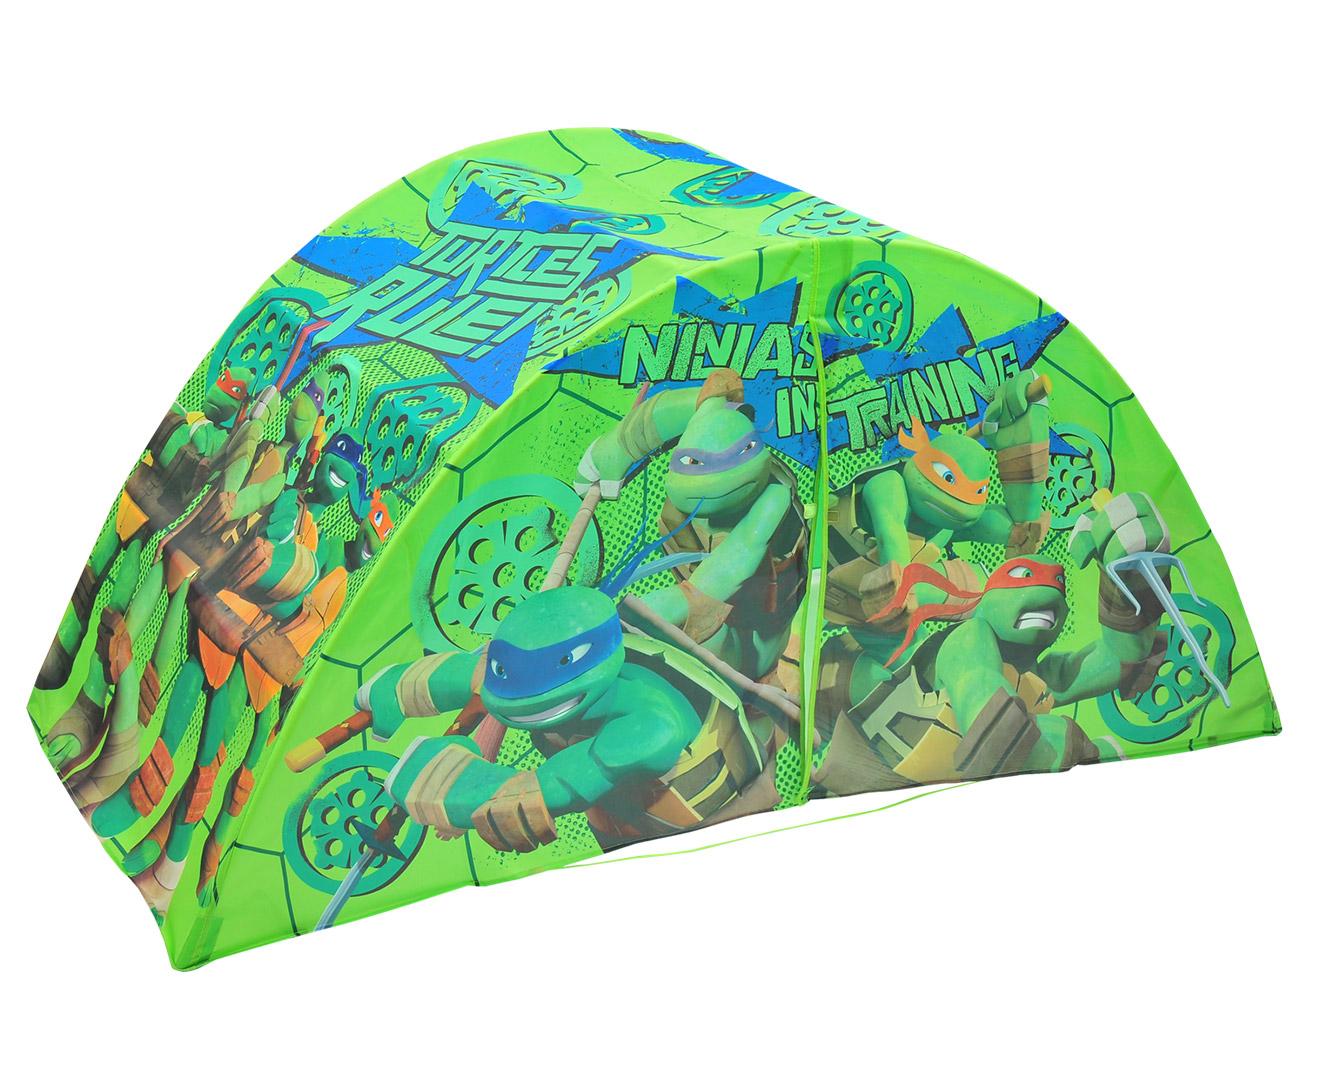 Catchoftheday Com Au Teenage Mutant Ninja Turtles Bed